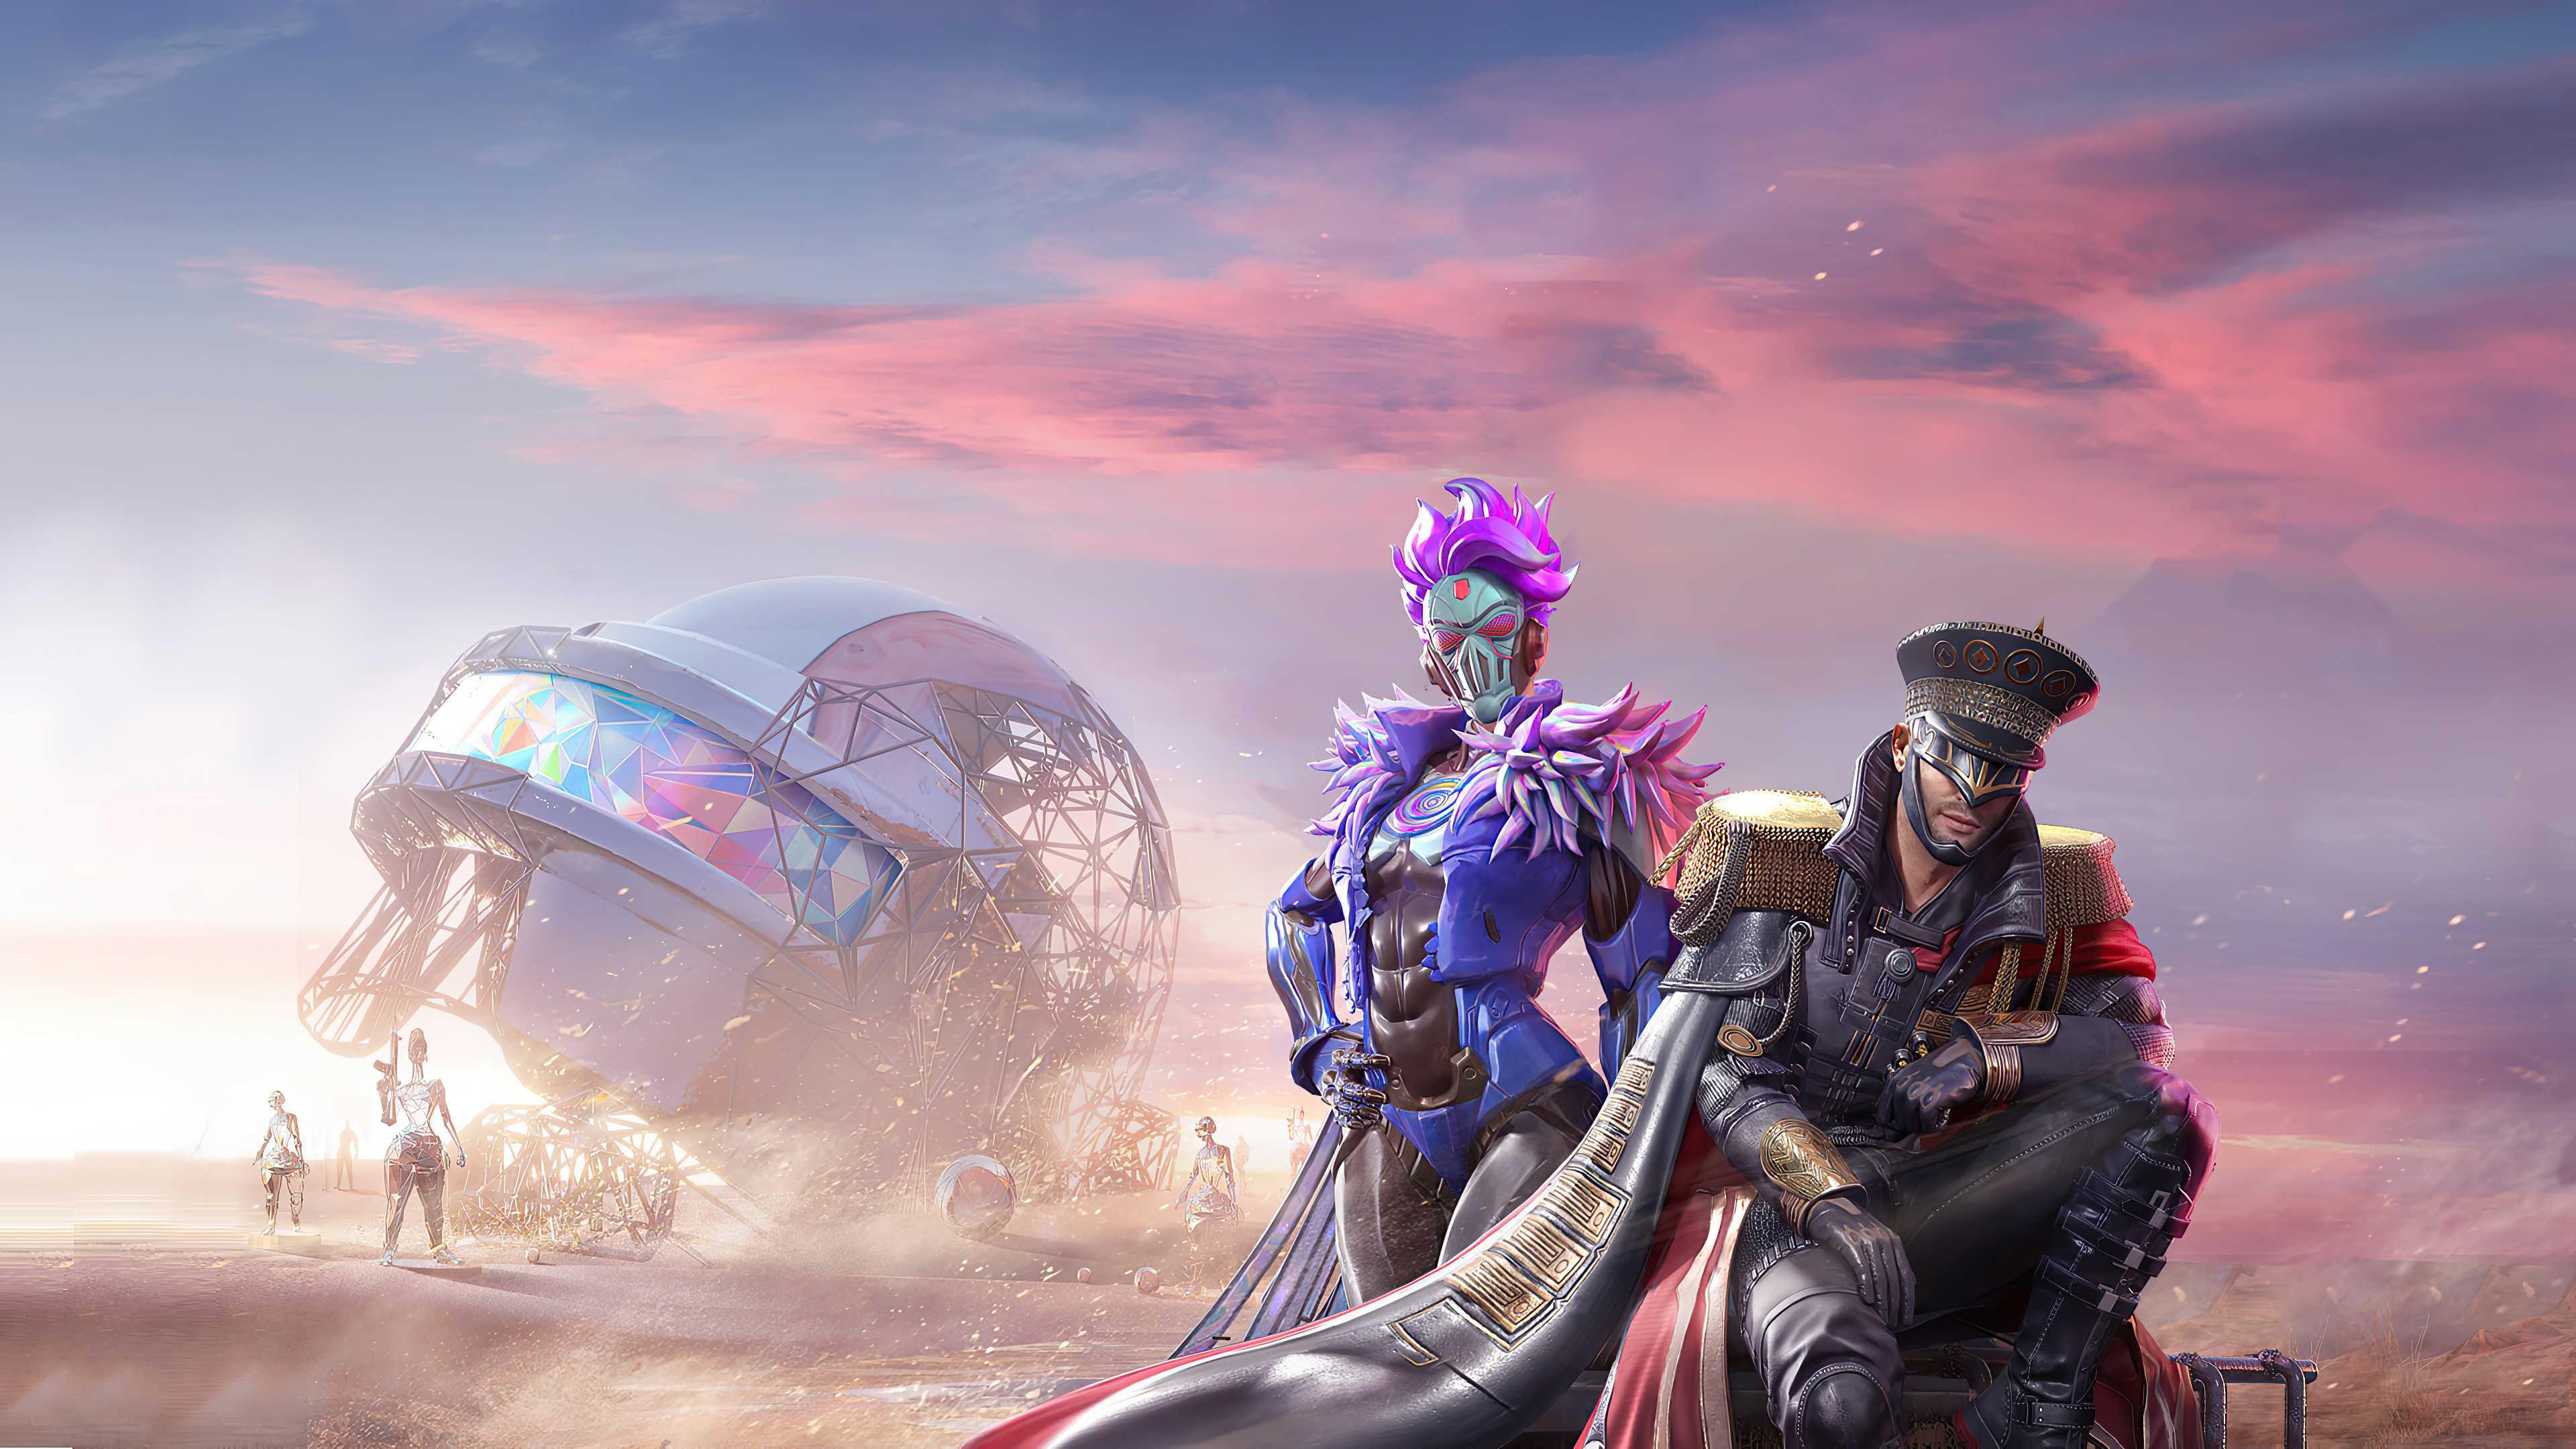 Playerunknowns Battlegrounds 4k Wallpaper Photo